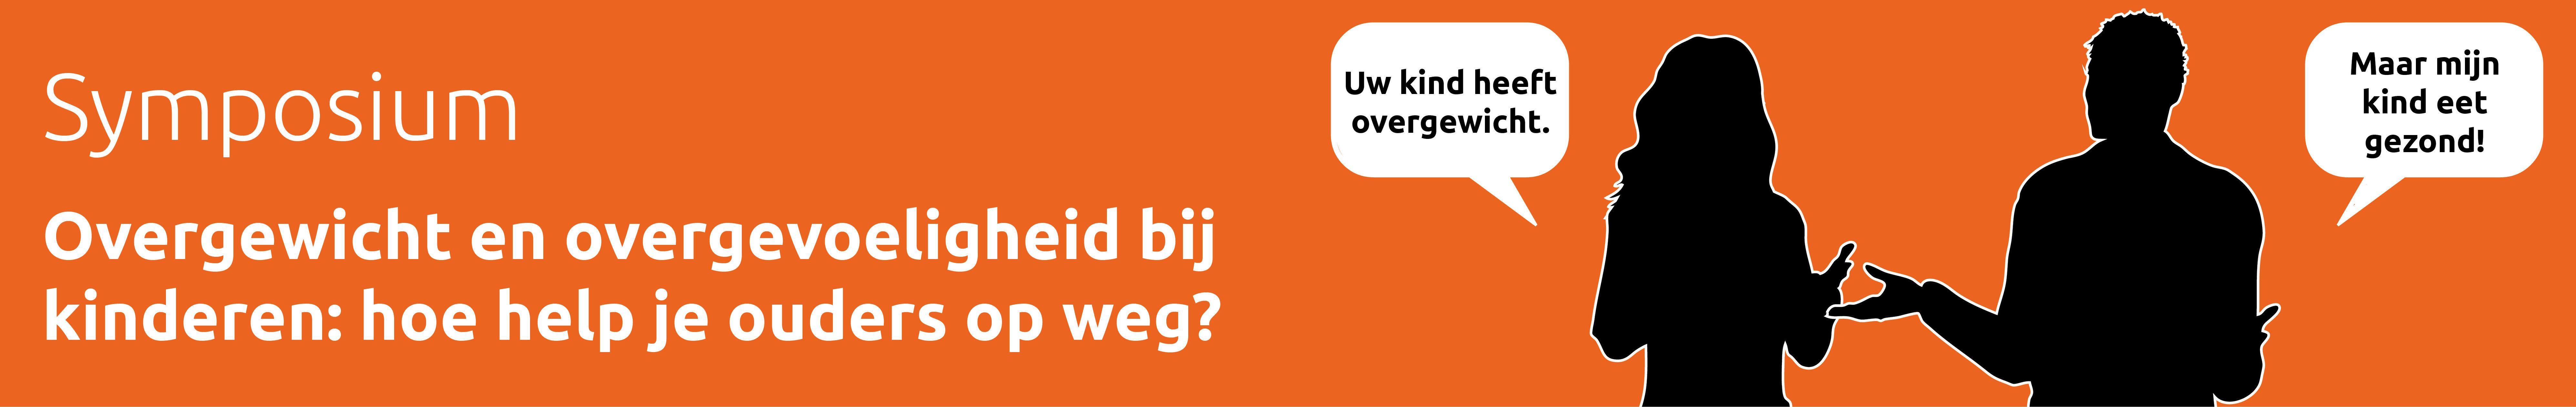 Header Zuivelsymposium_DEF_Aanmelder.nl1